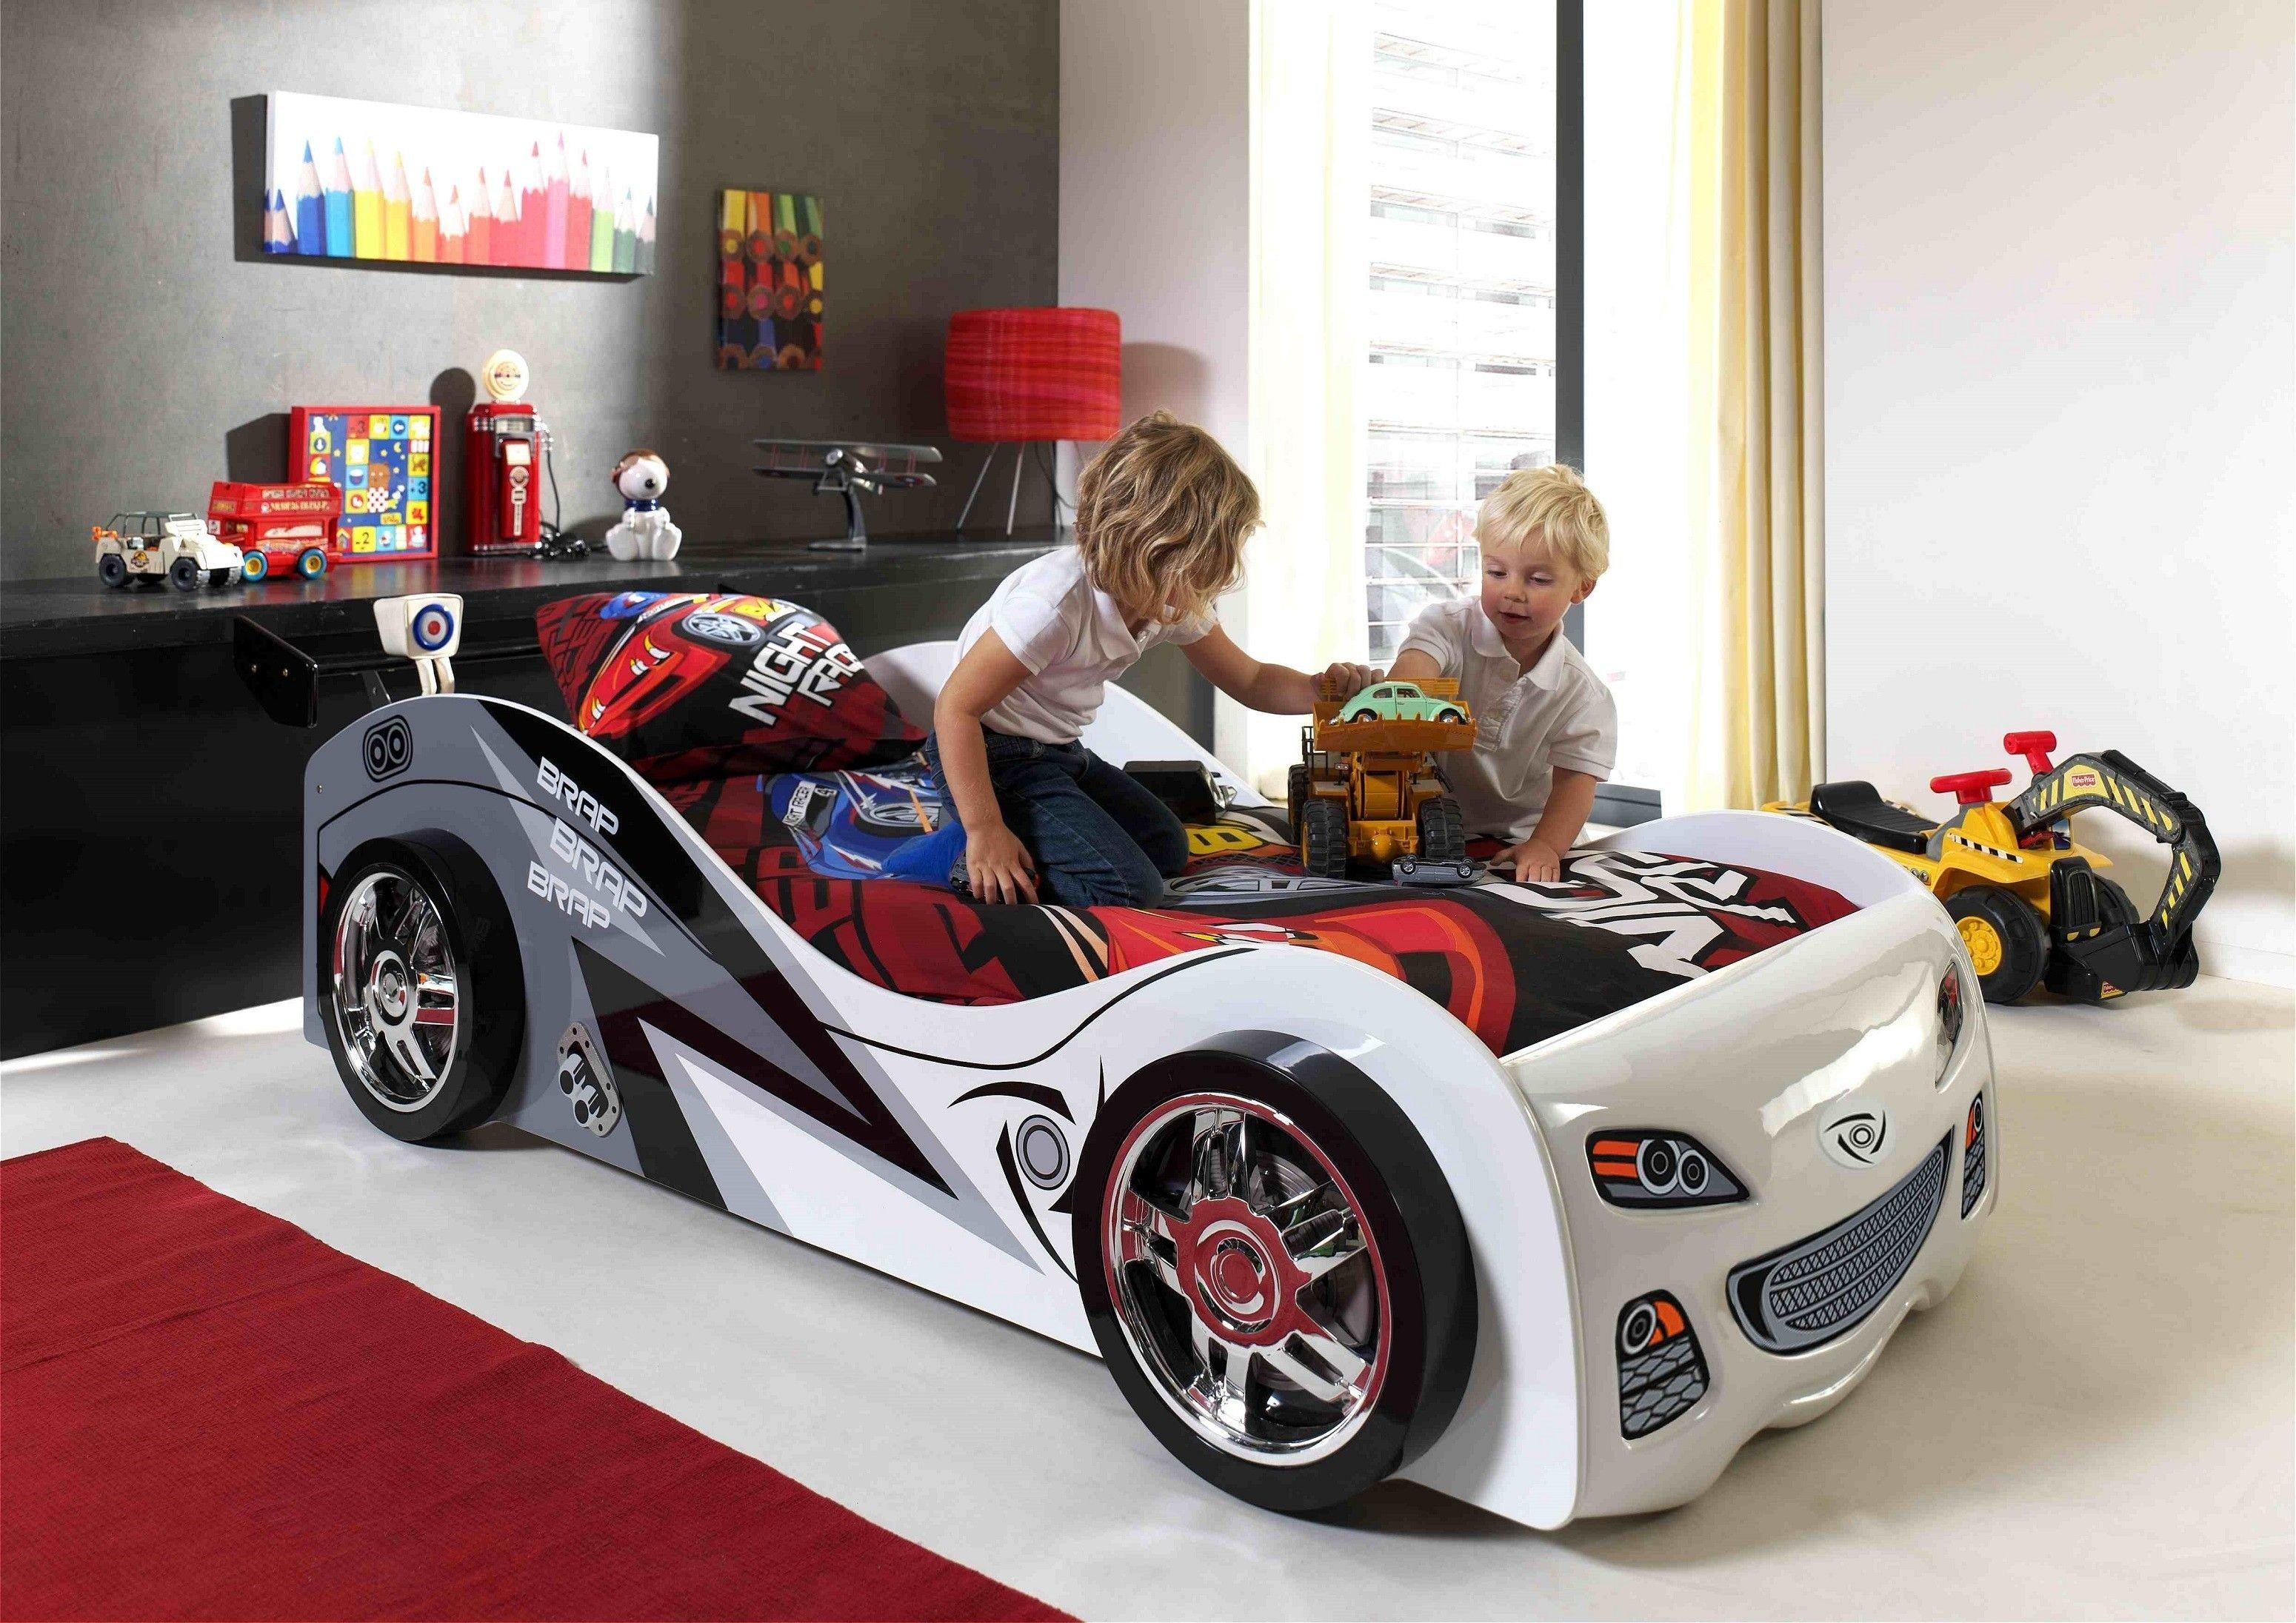 Ko auto samoch d braby bia y ko dla dziecka dla ch opca vipack sklep dla dzieci - Chambre petit garcon voiture ...